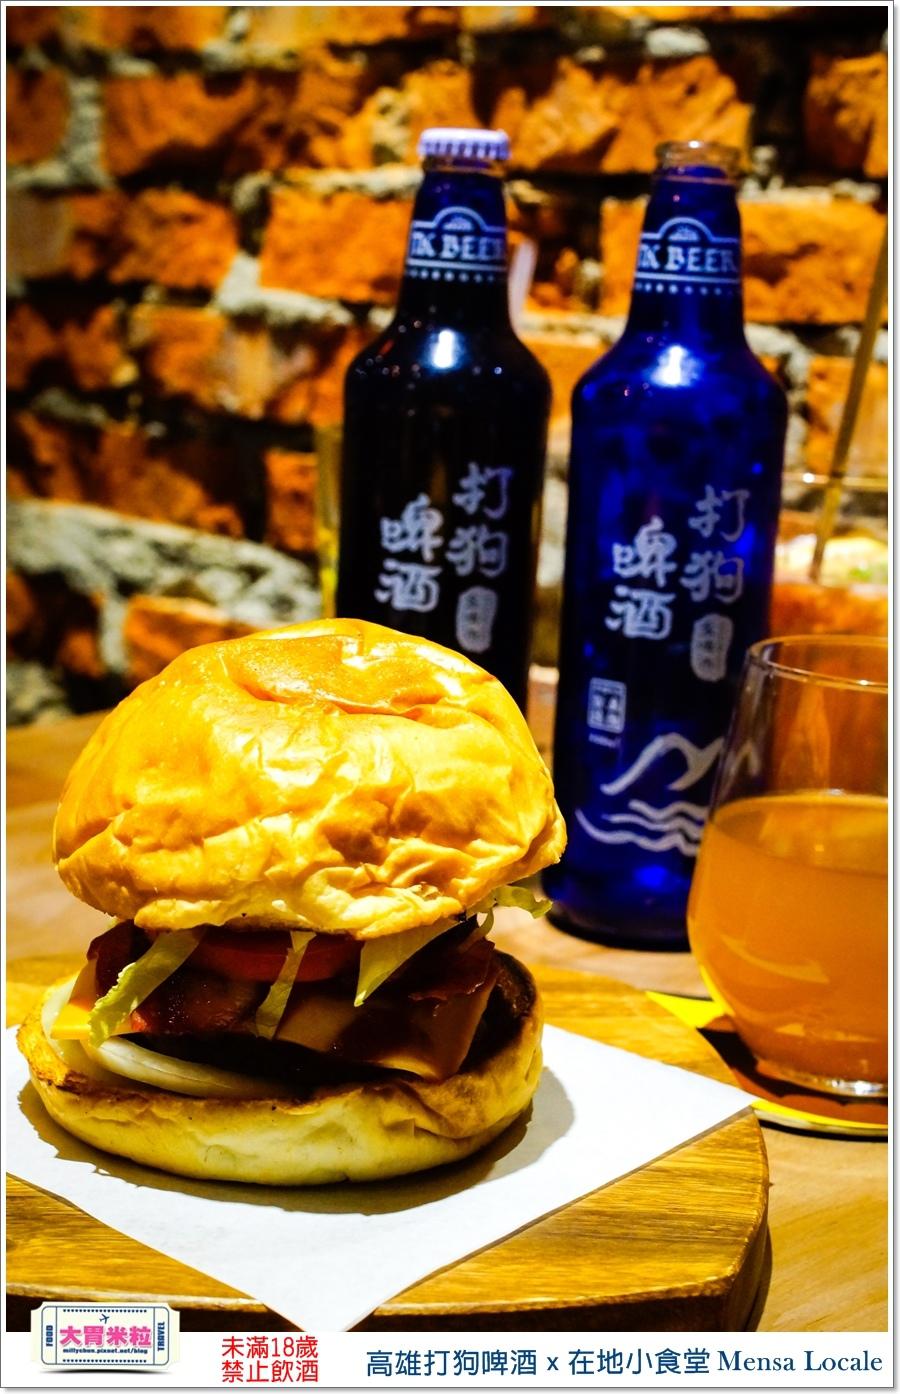 高雄打狗啤酒x在地小食堂Mensa Locale@大胃米粒00089.jpg